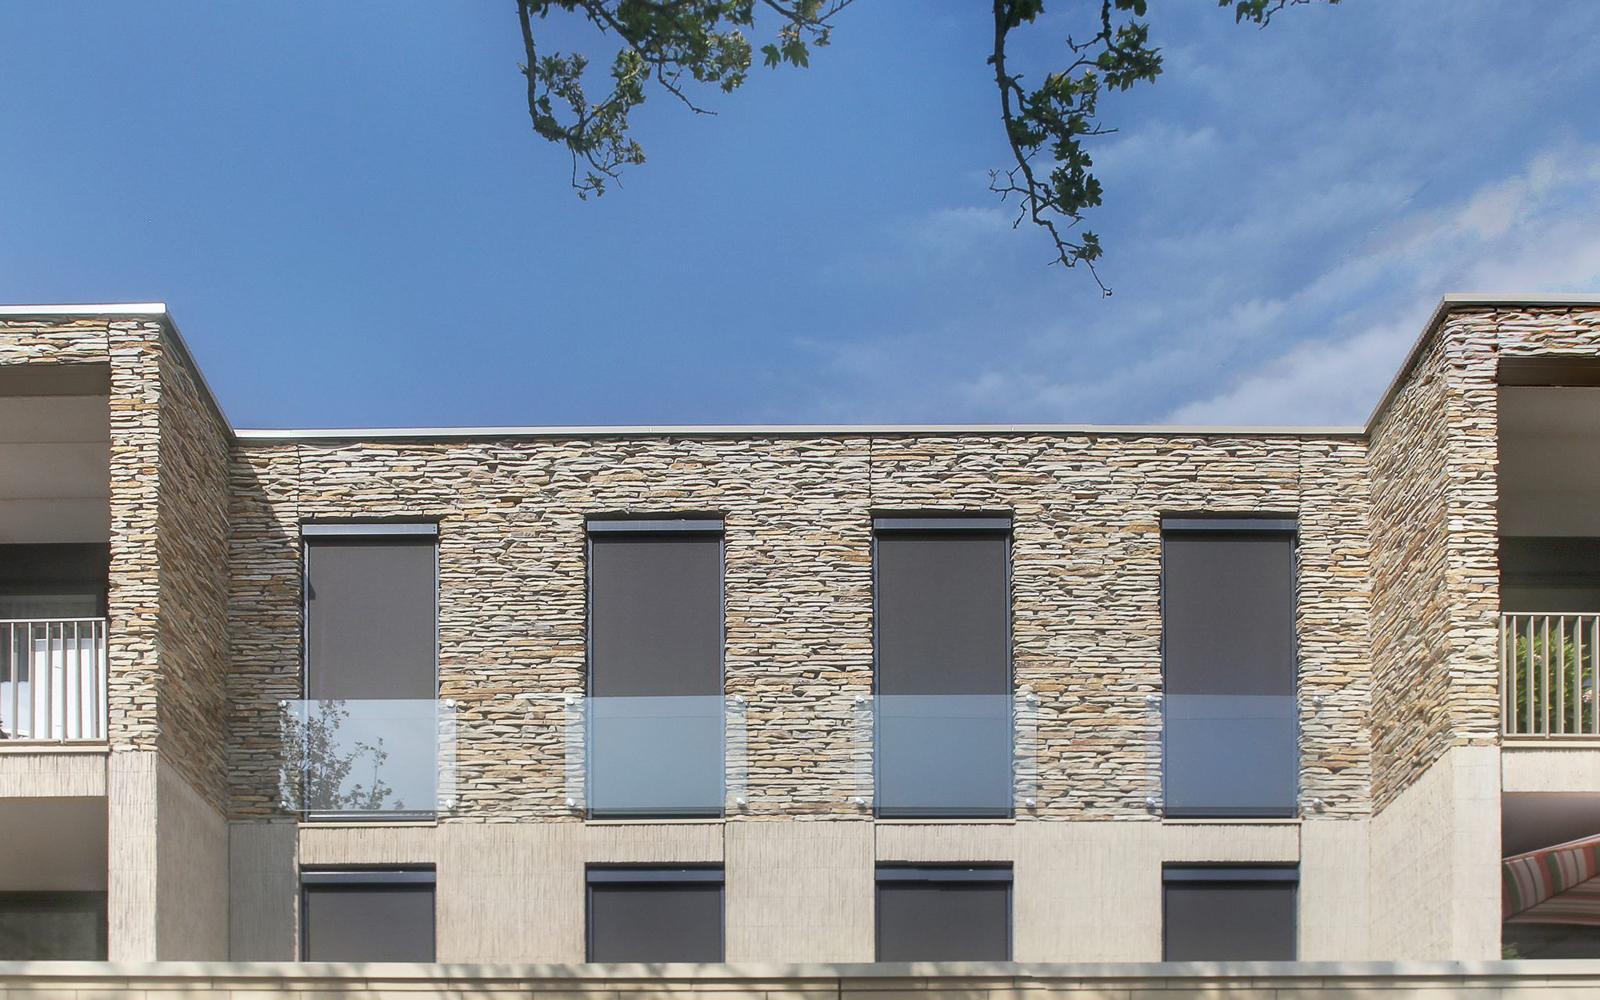 Natuurgevelsteen, natuursteen, wassenaar, appartementencomplex, stijlvol